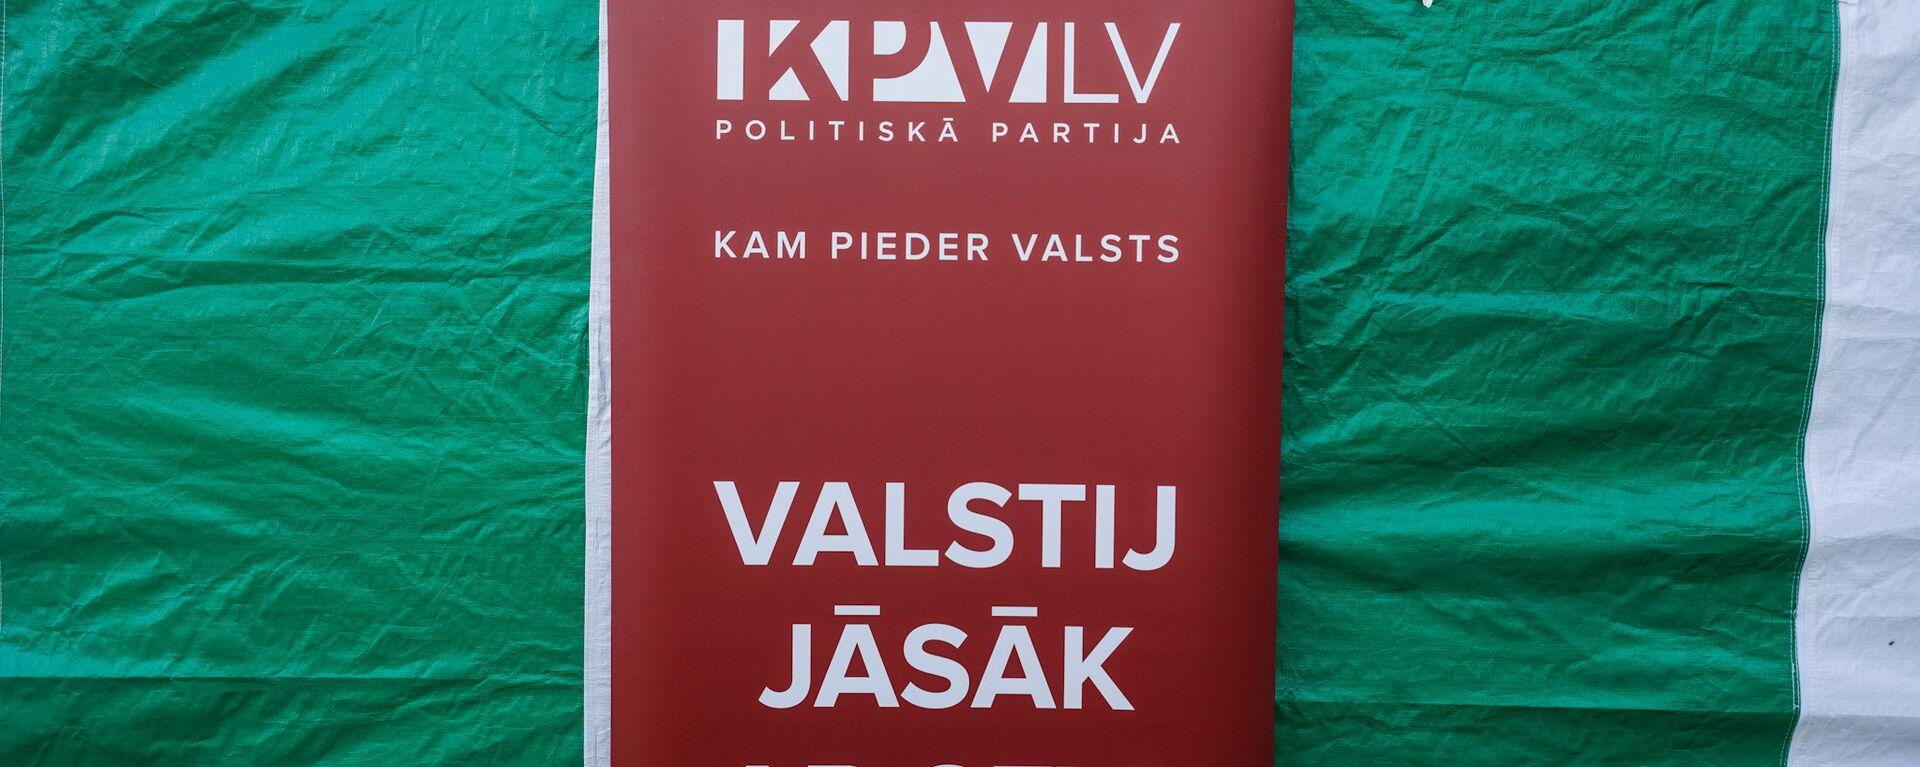 Политическая партия KPV LV - Sputnik Латвия, 1920, 14.08.2021